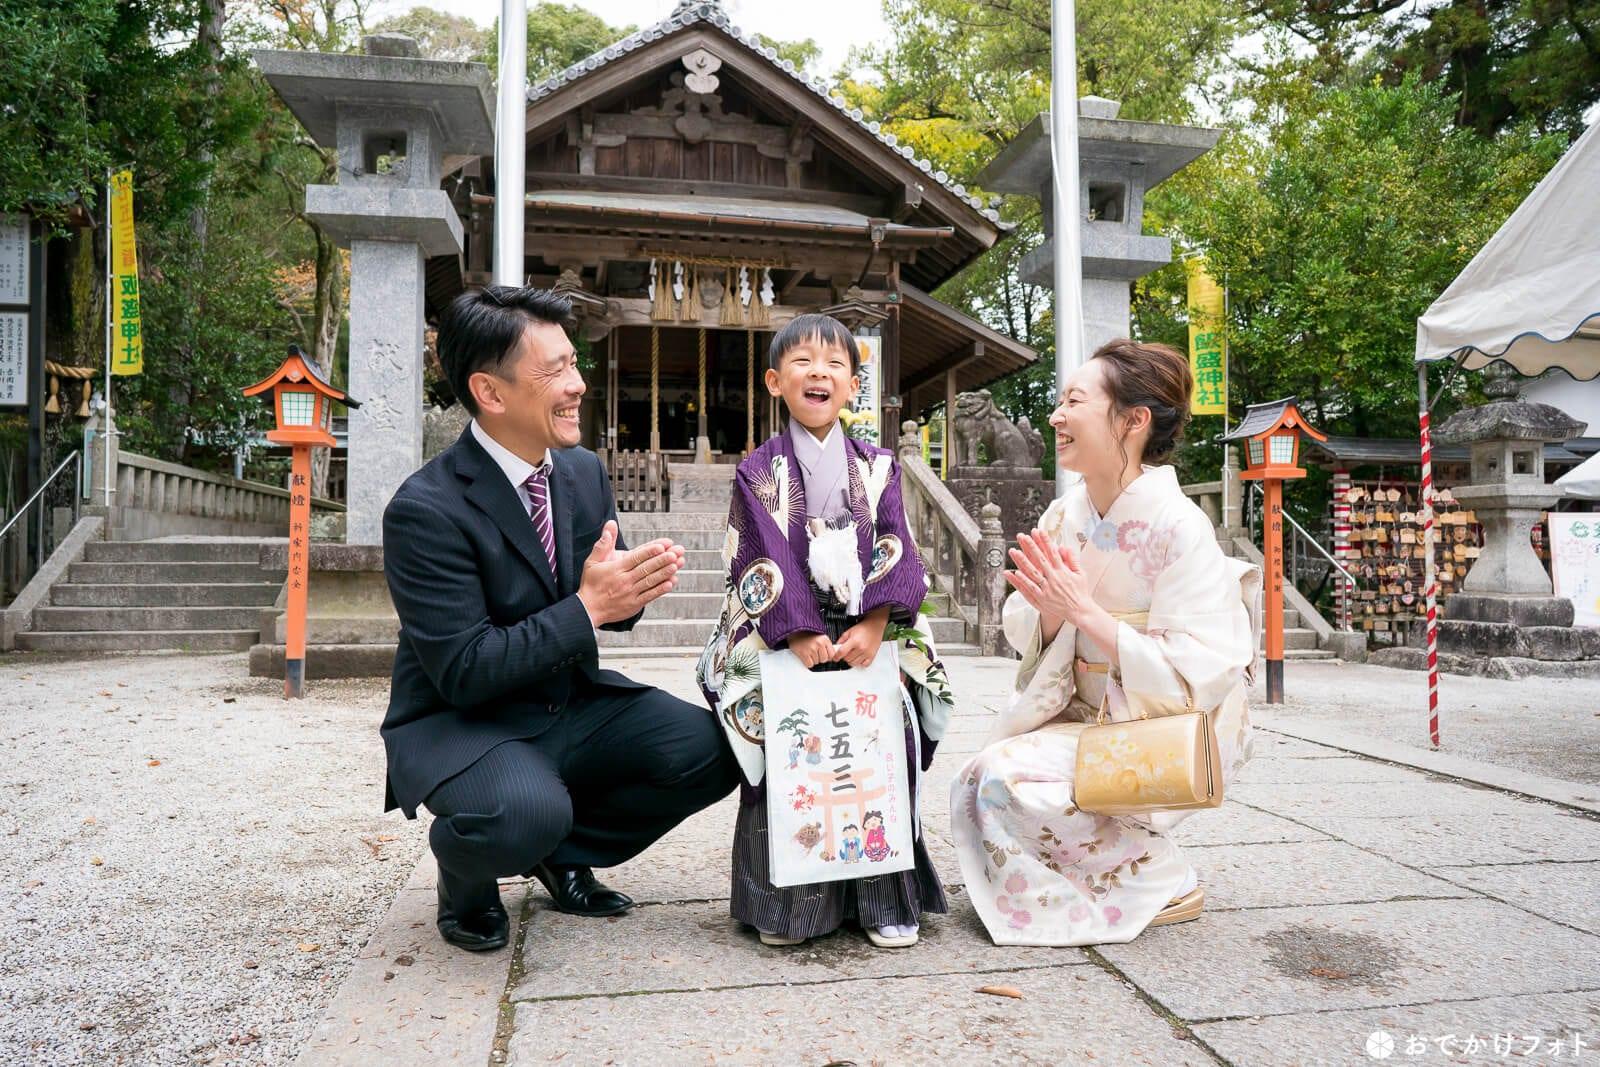 飯盛神社 1歳餅踏み、七五三、お宮参りで人気の神社